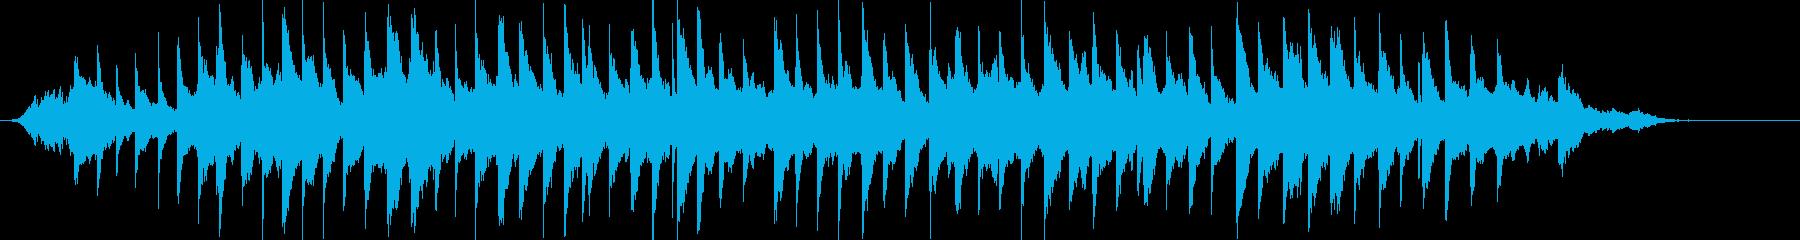 優しい、穏やか、澄んだピアノ曲の再生済みの波形